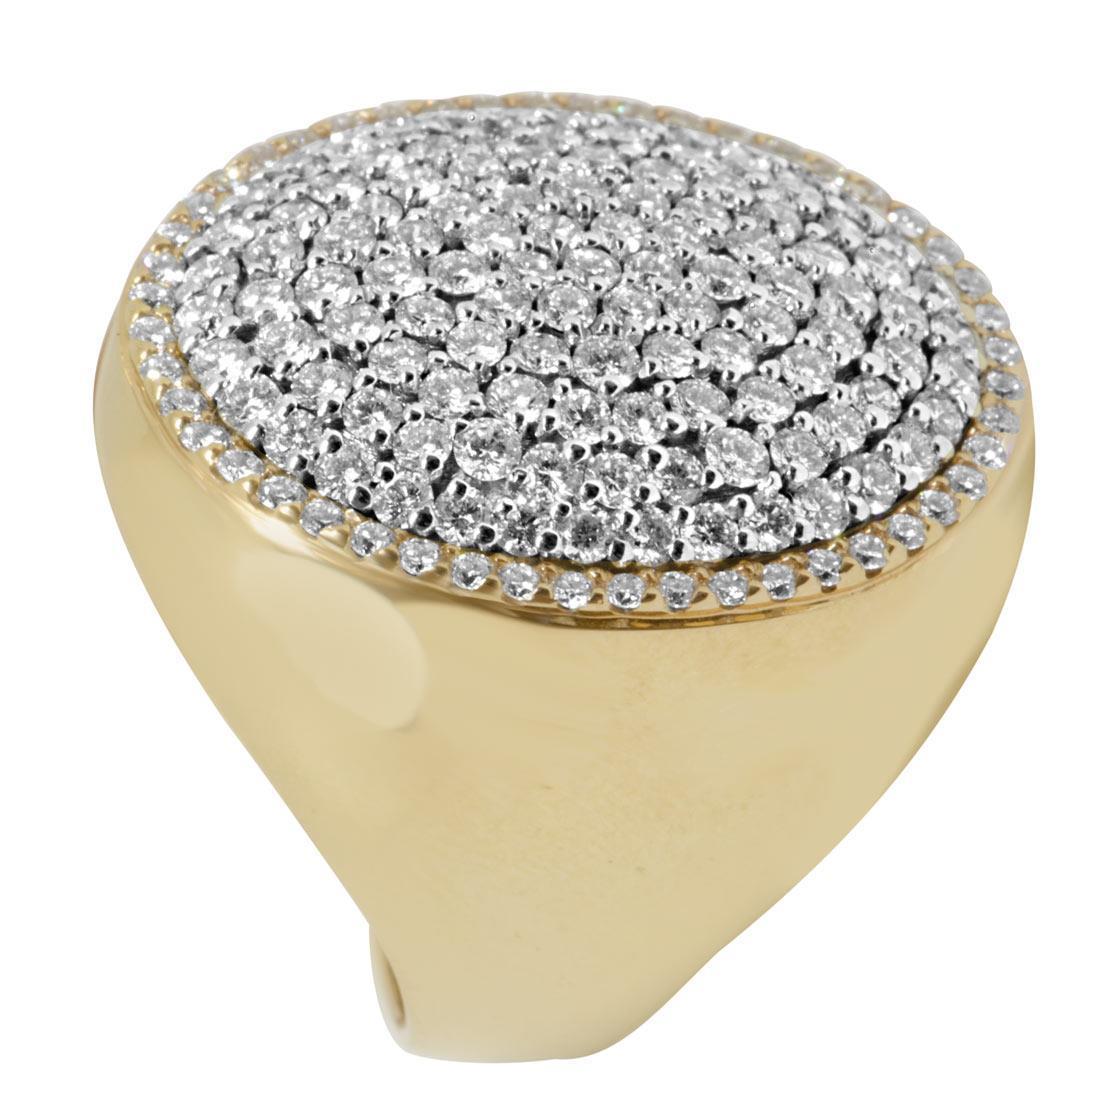 Anello in oro giallo con diamanti mis 15 - ALFIERI ST JOHN